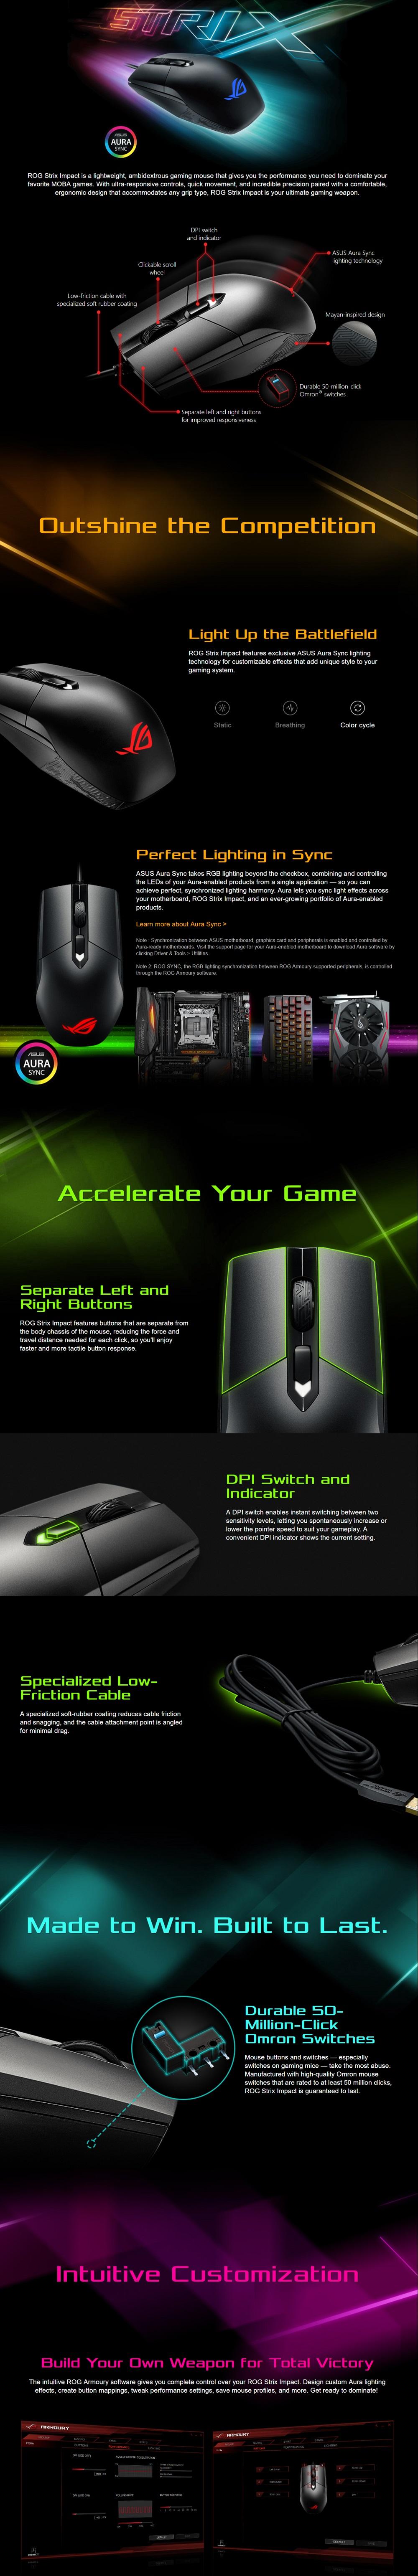 Asus ROG Strix Impact Aura 5K DPI Gaming Mouse